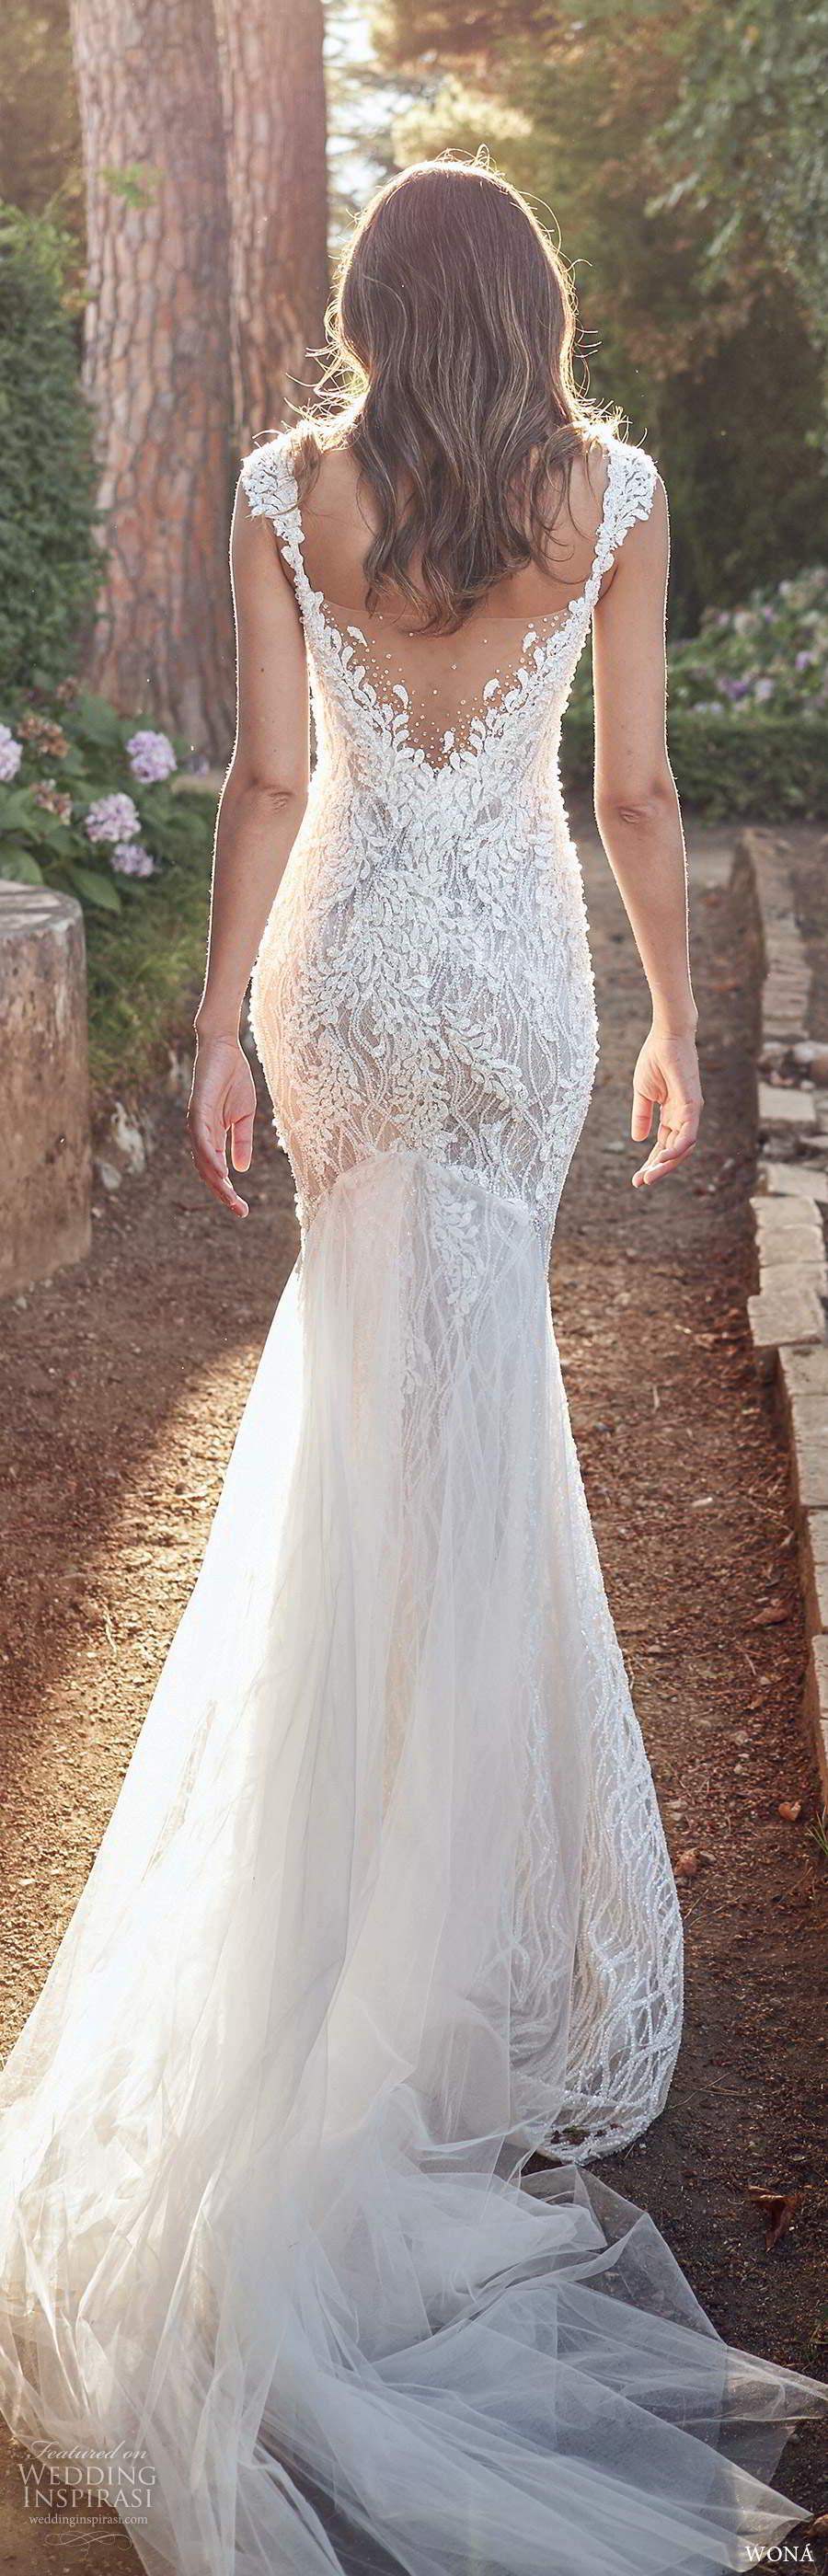 wona fall 2020 bridal sleeveless beaded straps plunging v neckline fully embellished sheath wedding dress illusion v back chapel train (8) bv